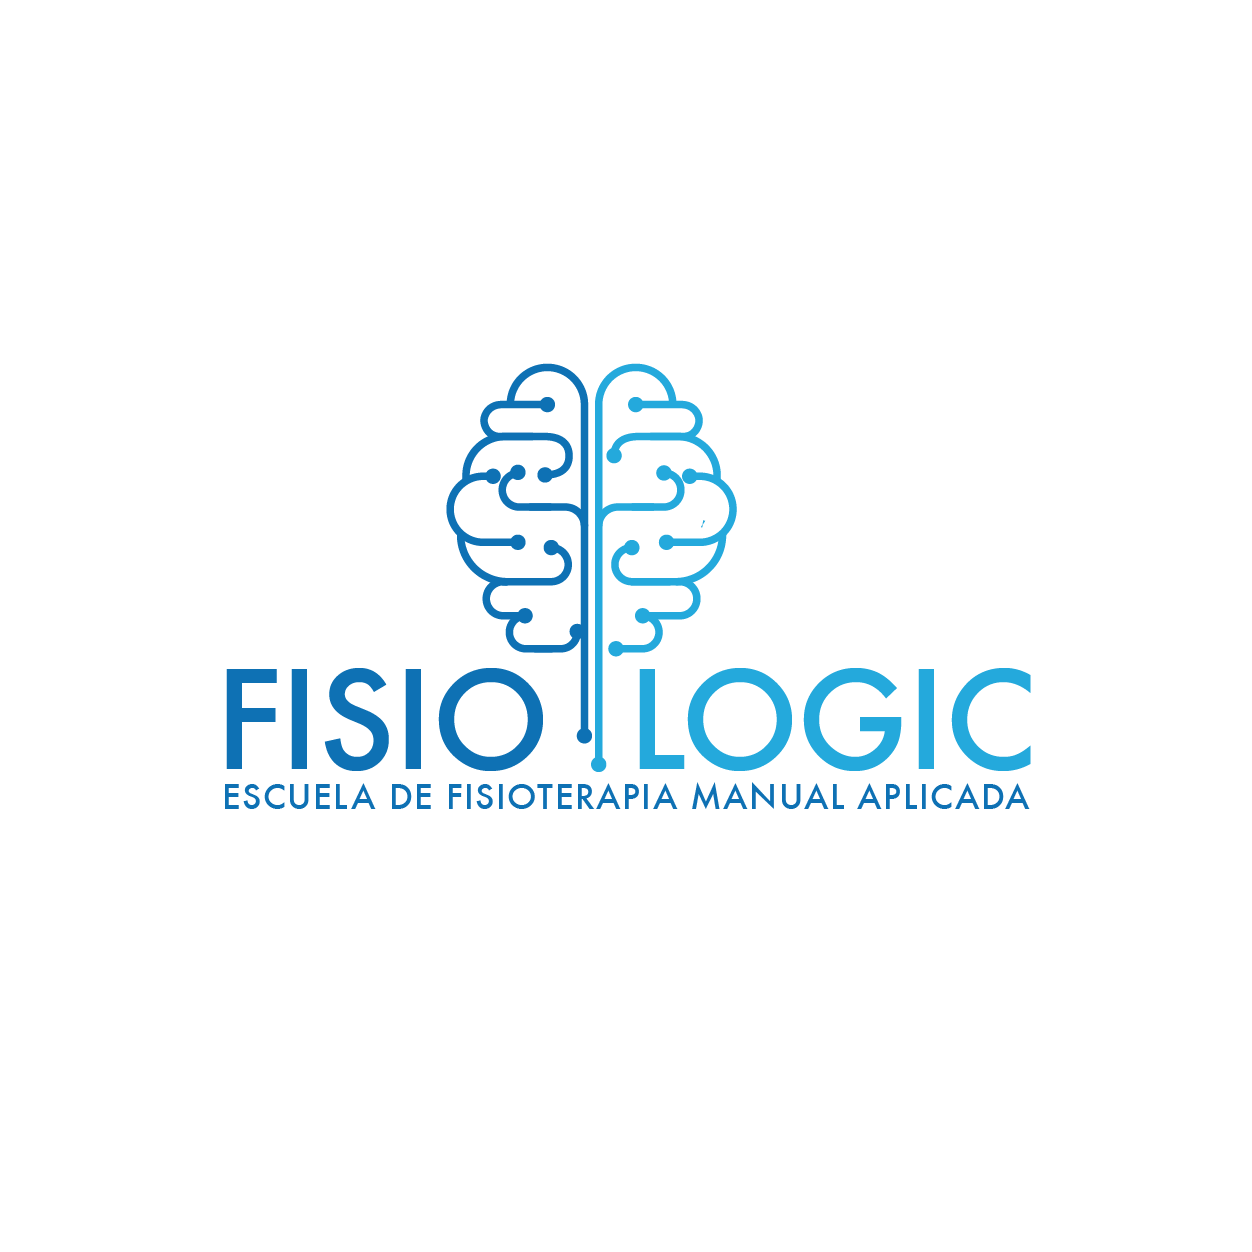 Jornada gratuita de Diagnóstico Fisioterápico